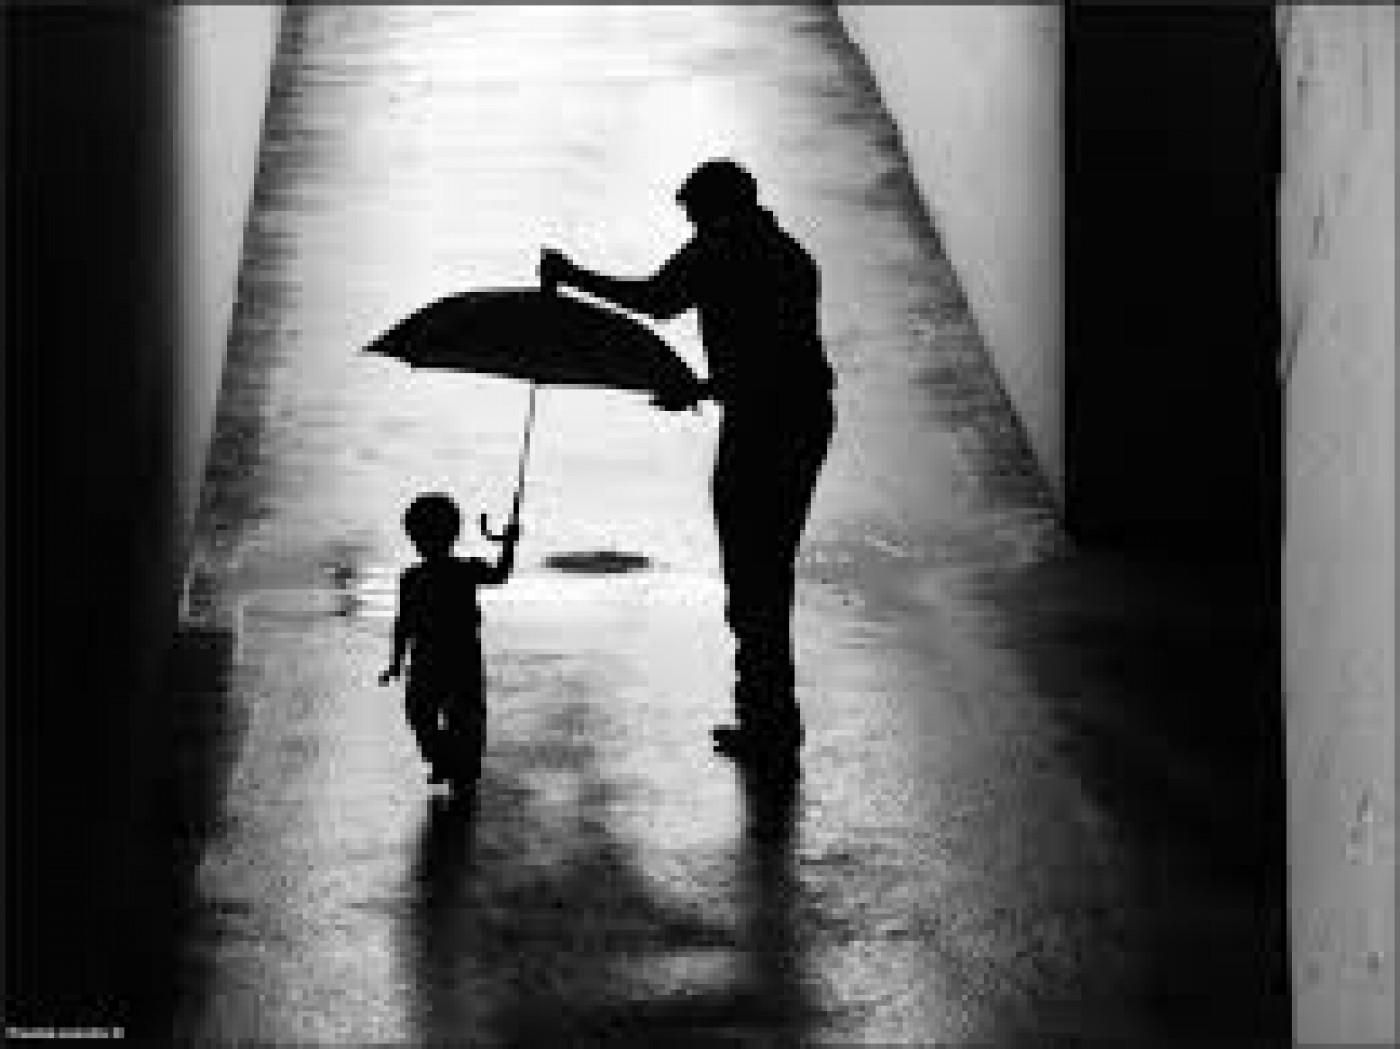 Con o senza sindrome Pas affido condiviso perché un genitore deve cooperare con l'altro per i figli